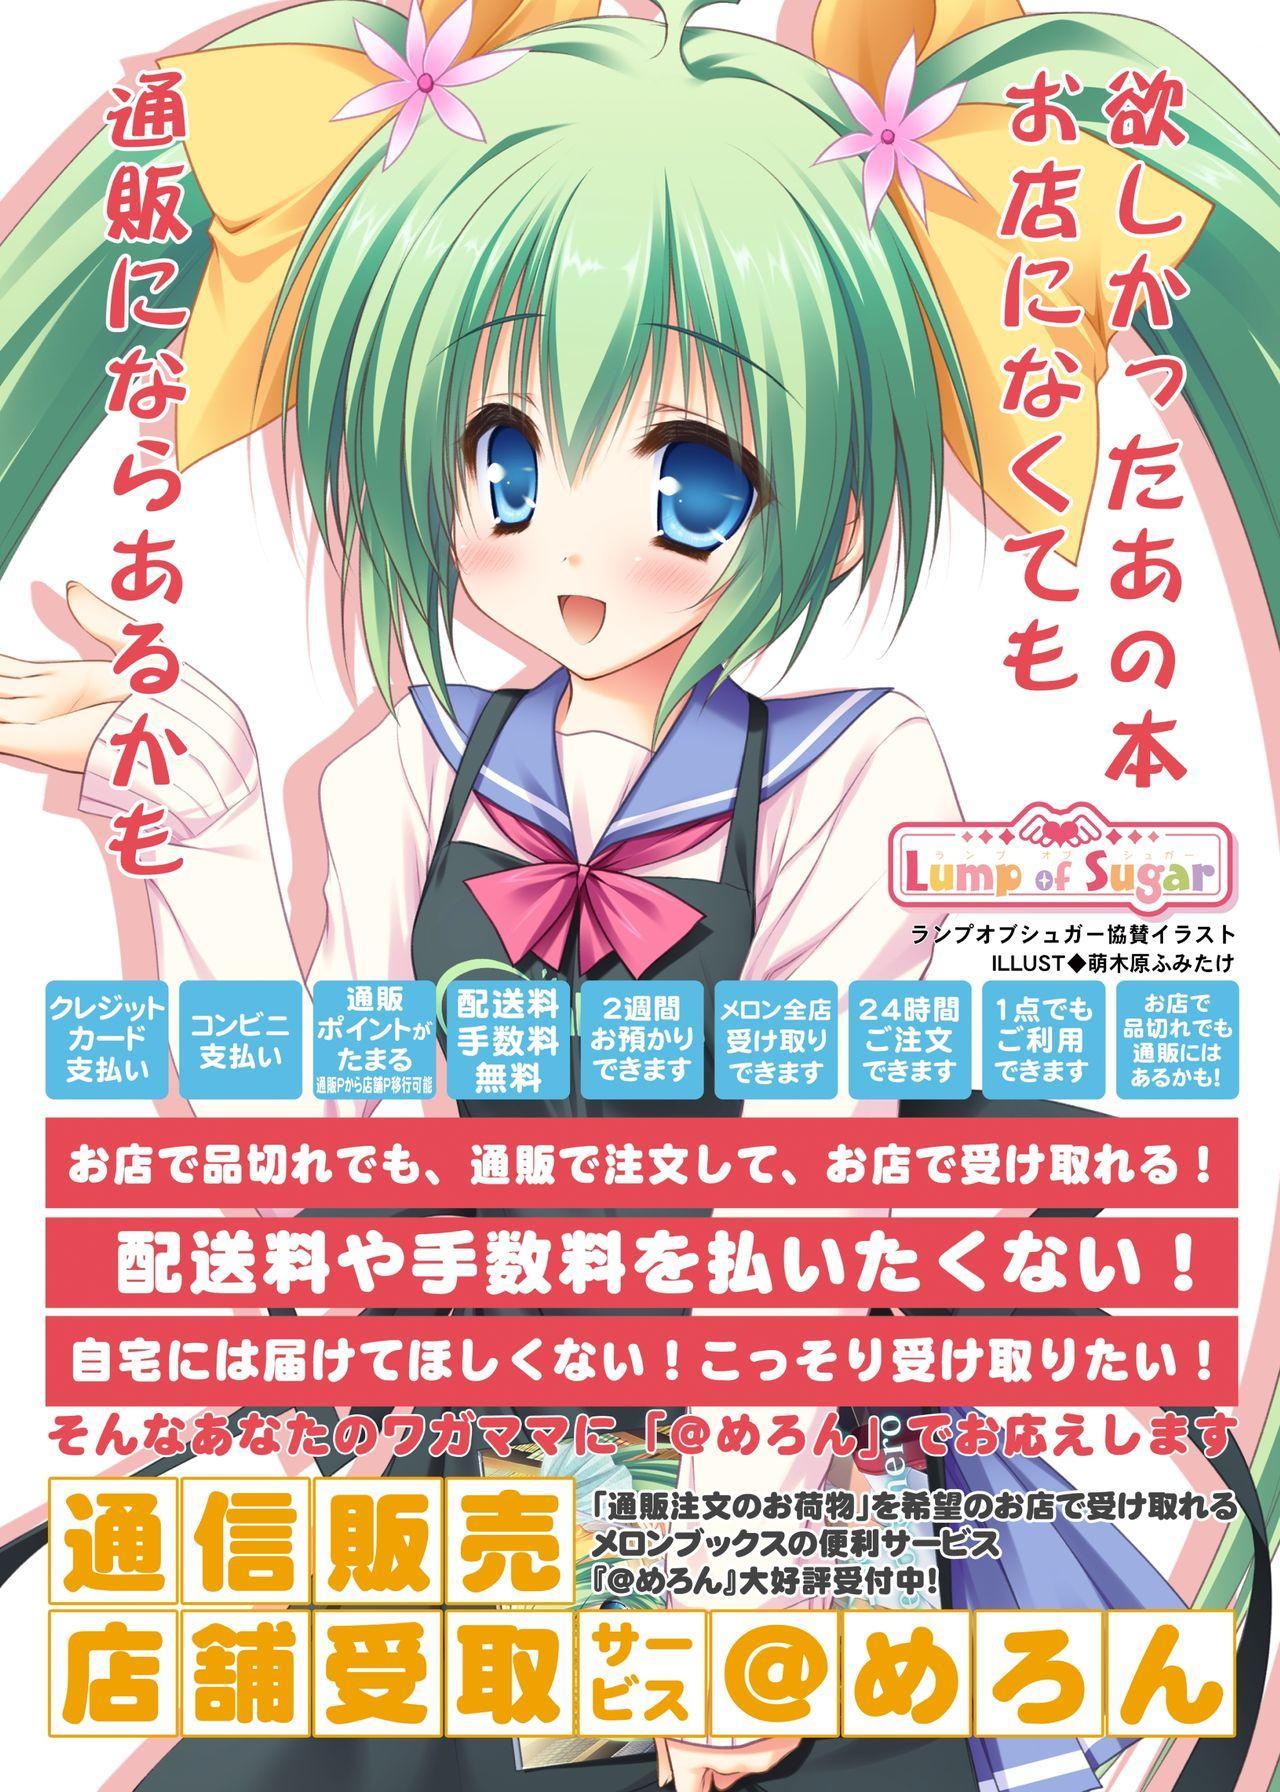 月刊めろメロ 2014年11月号 2